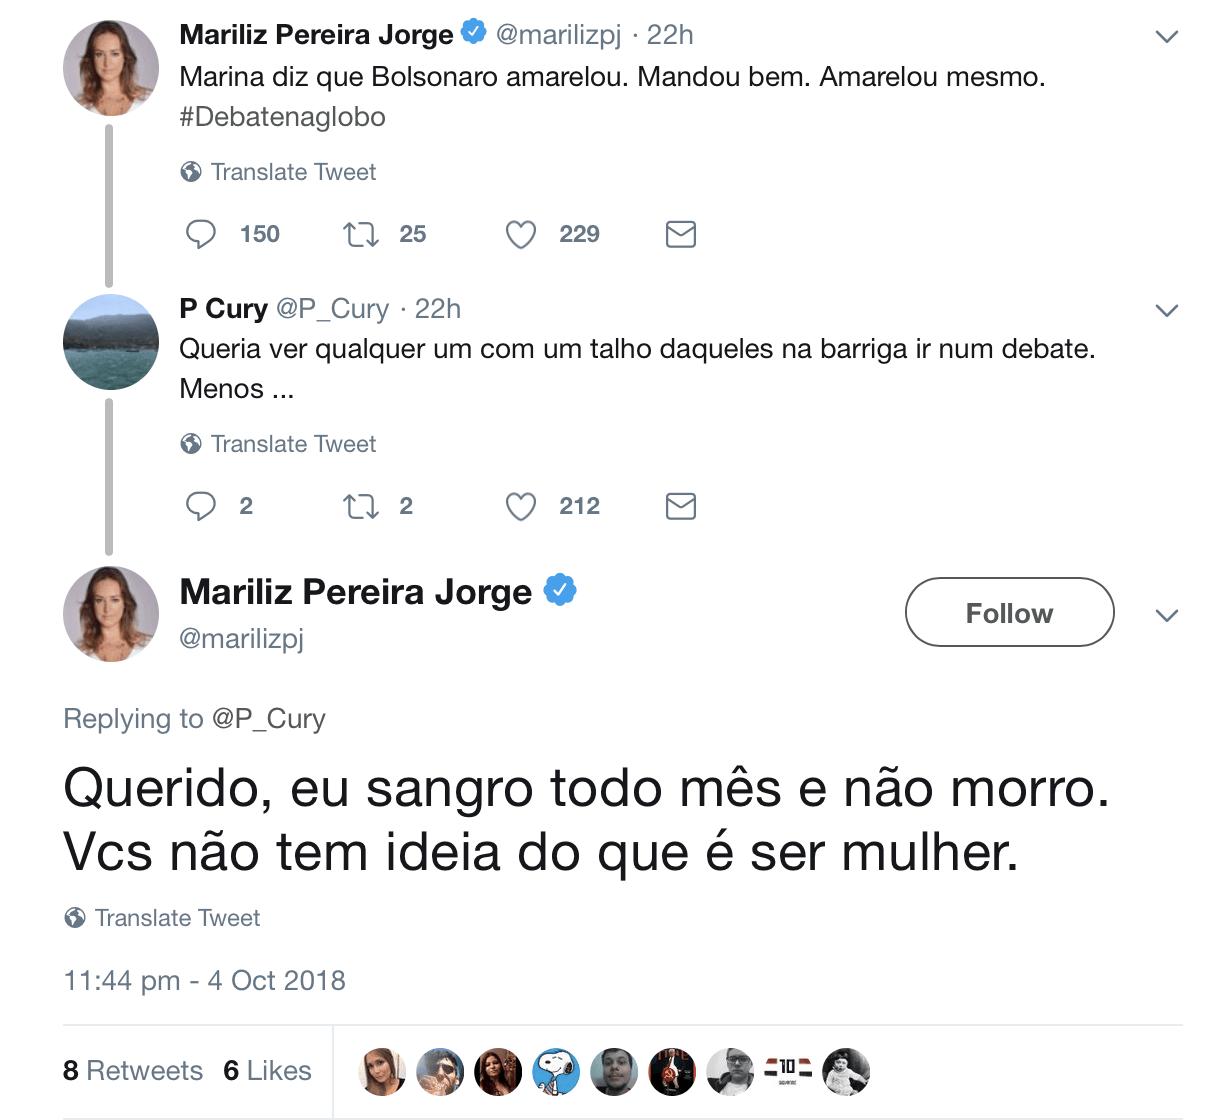 Jornalista Folha Mariliz Pereira Jorge facada Bolsonaro menstruação